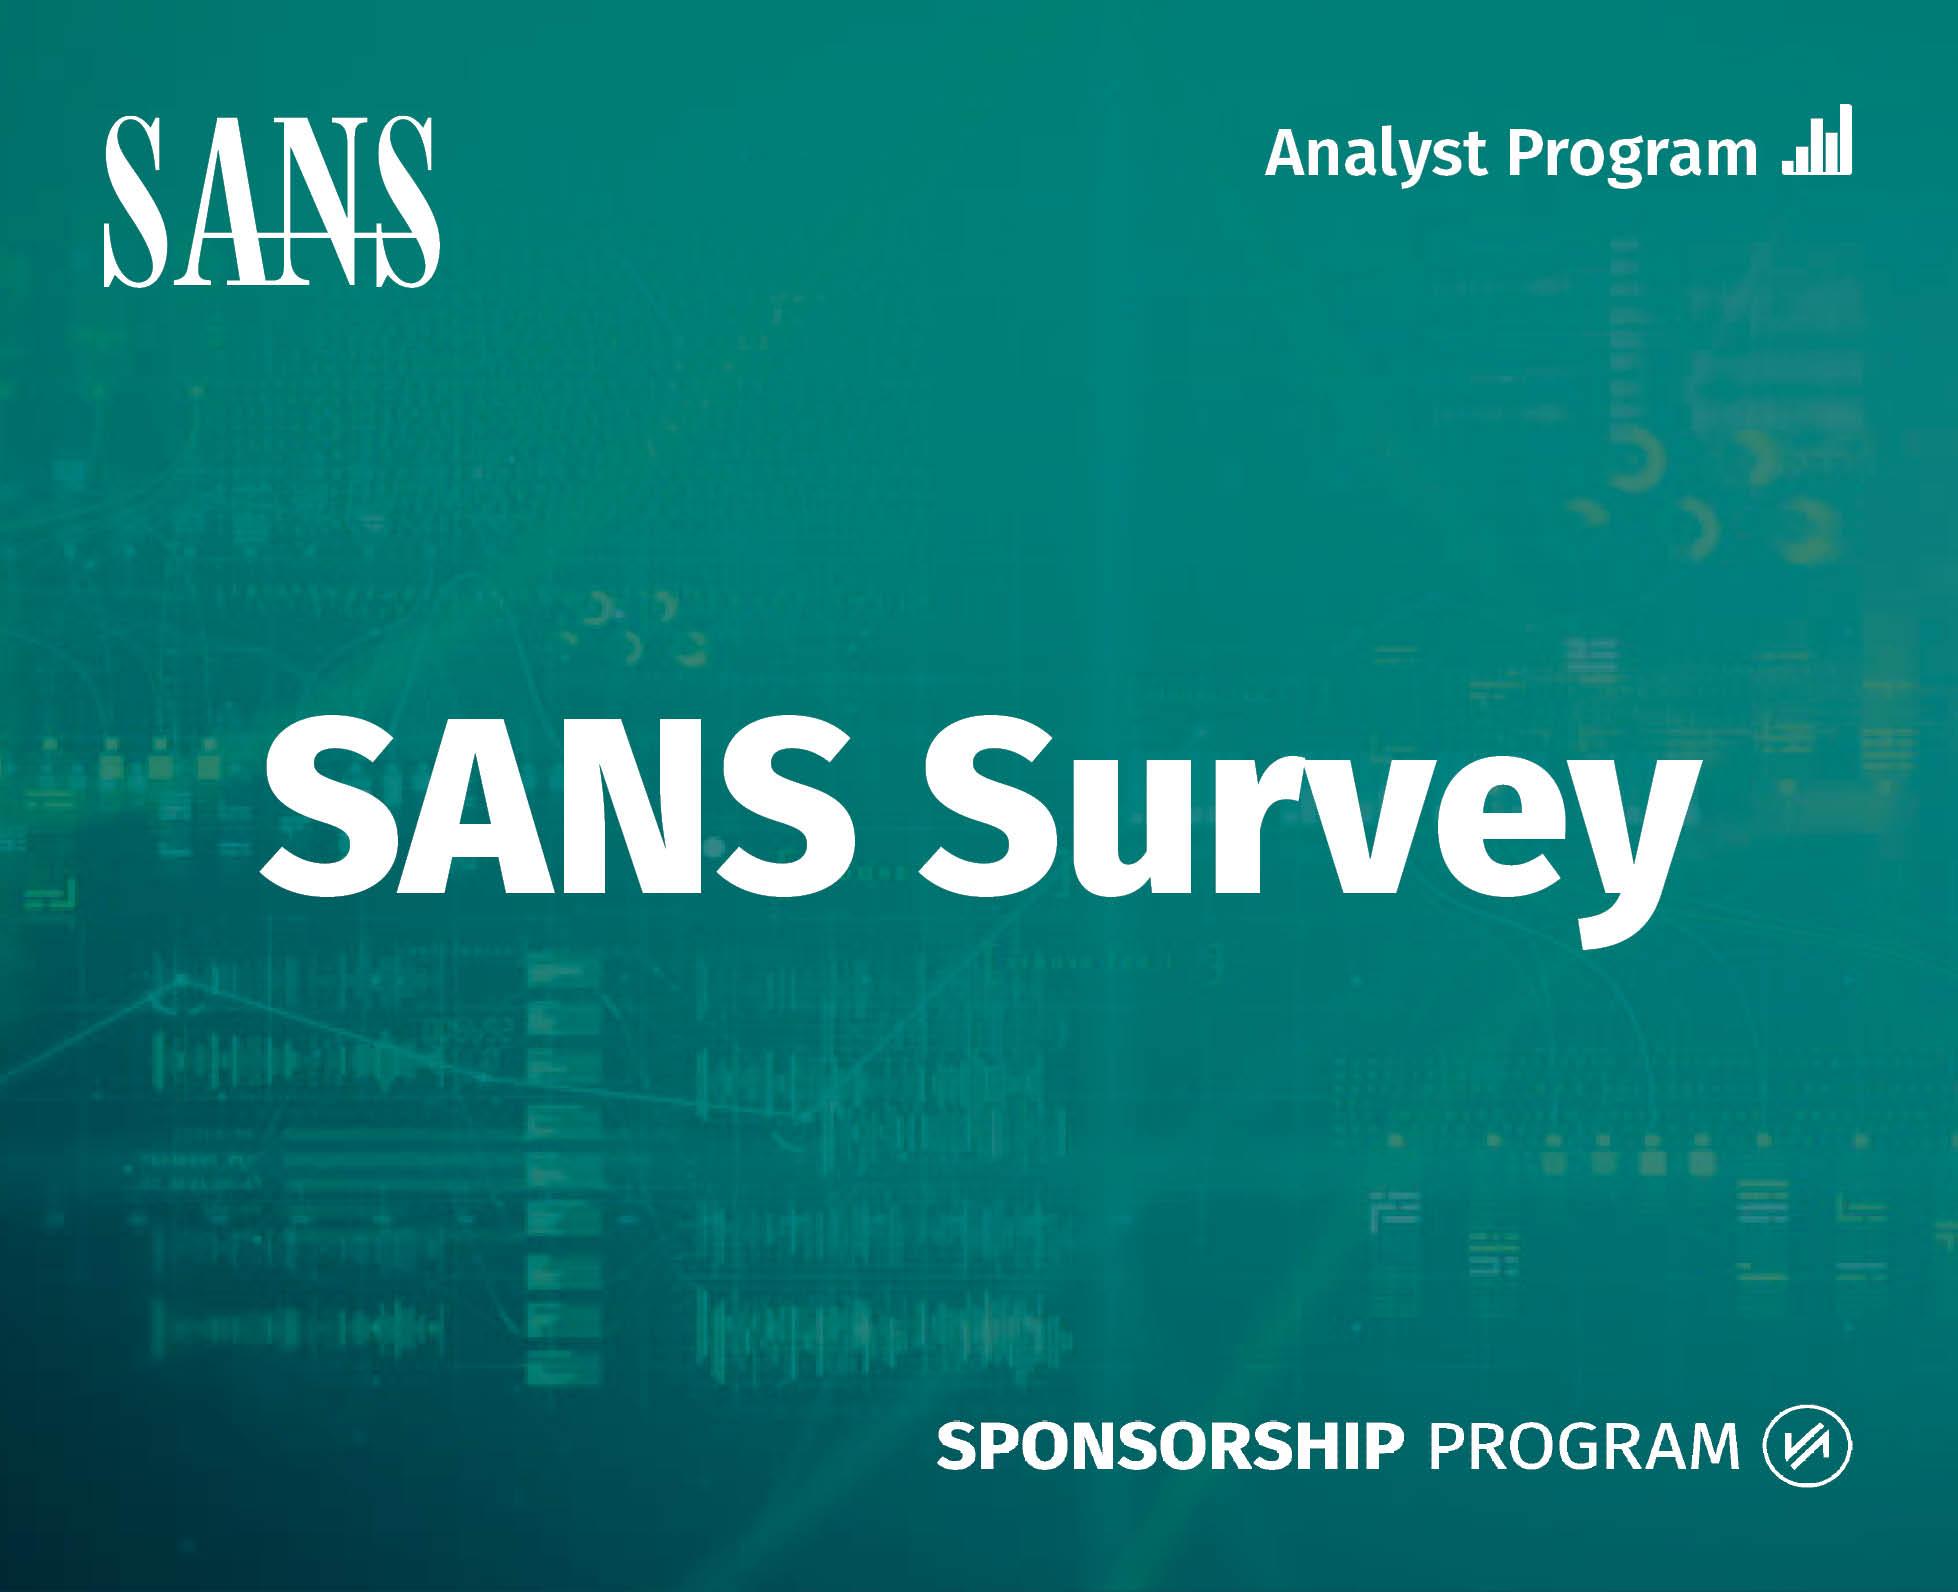 Analyst_Program_-_Survey.jpg